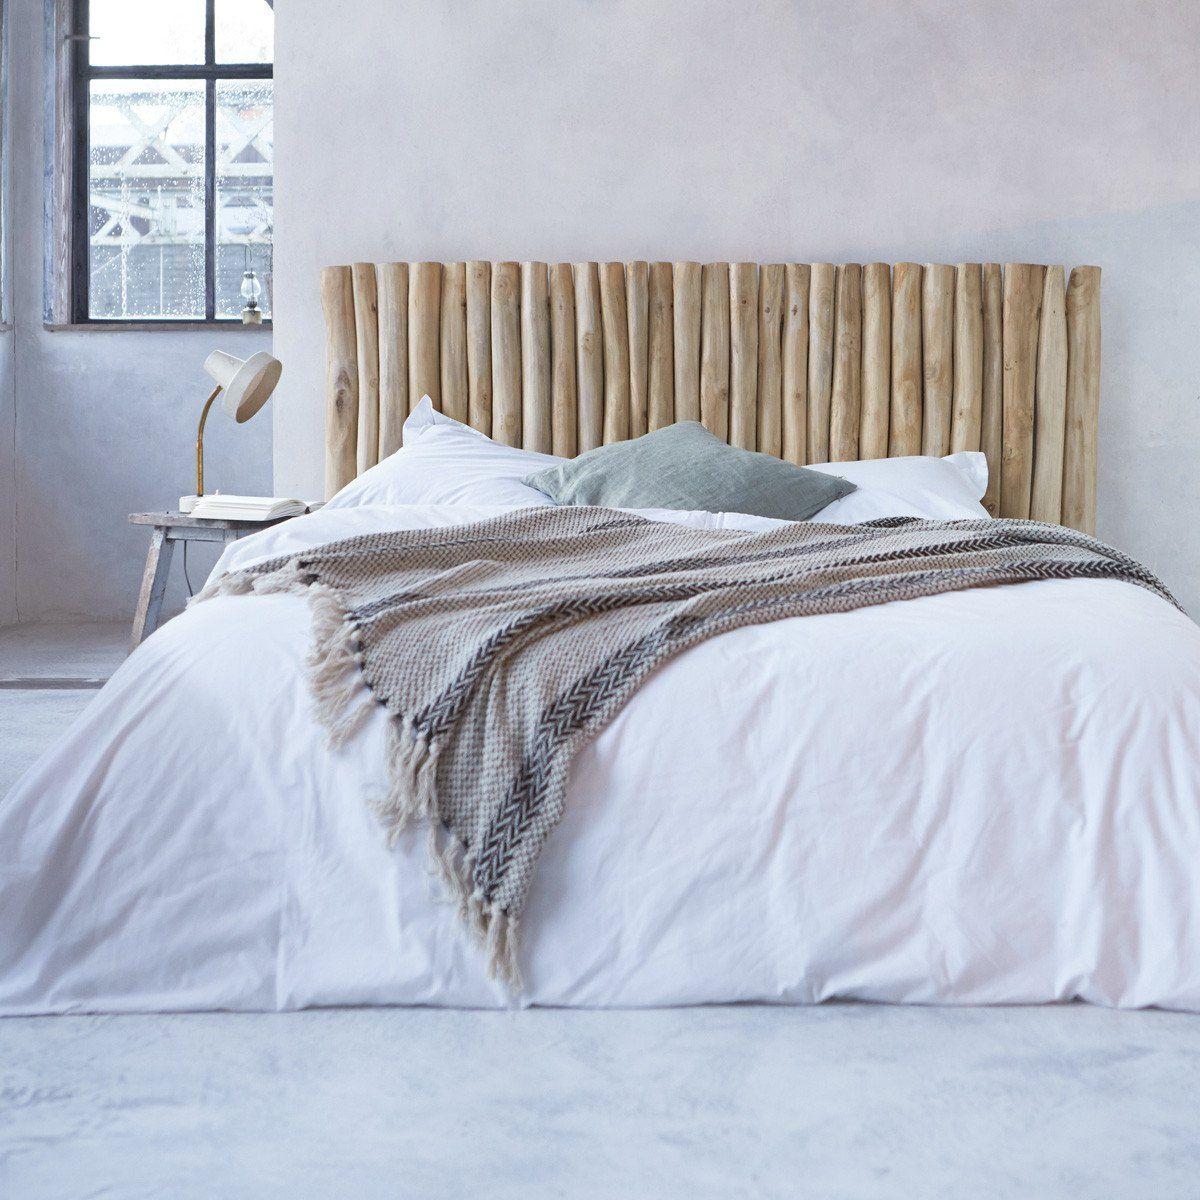 tête de lit en bois flotté pas cher tronc branche décoration industrielle bord de mer chambre